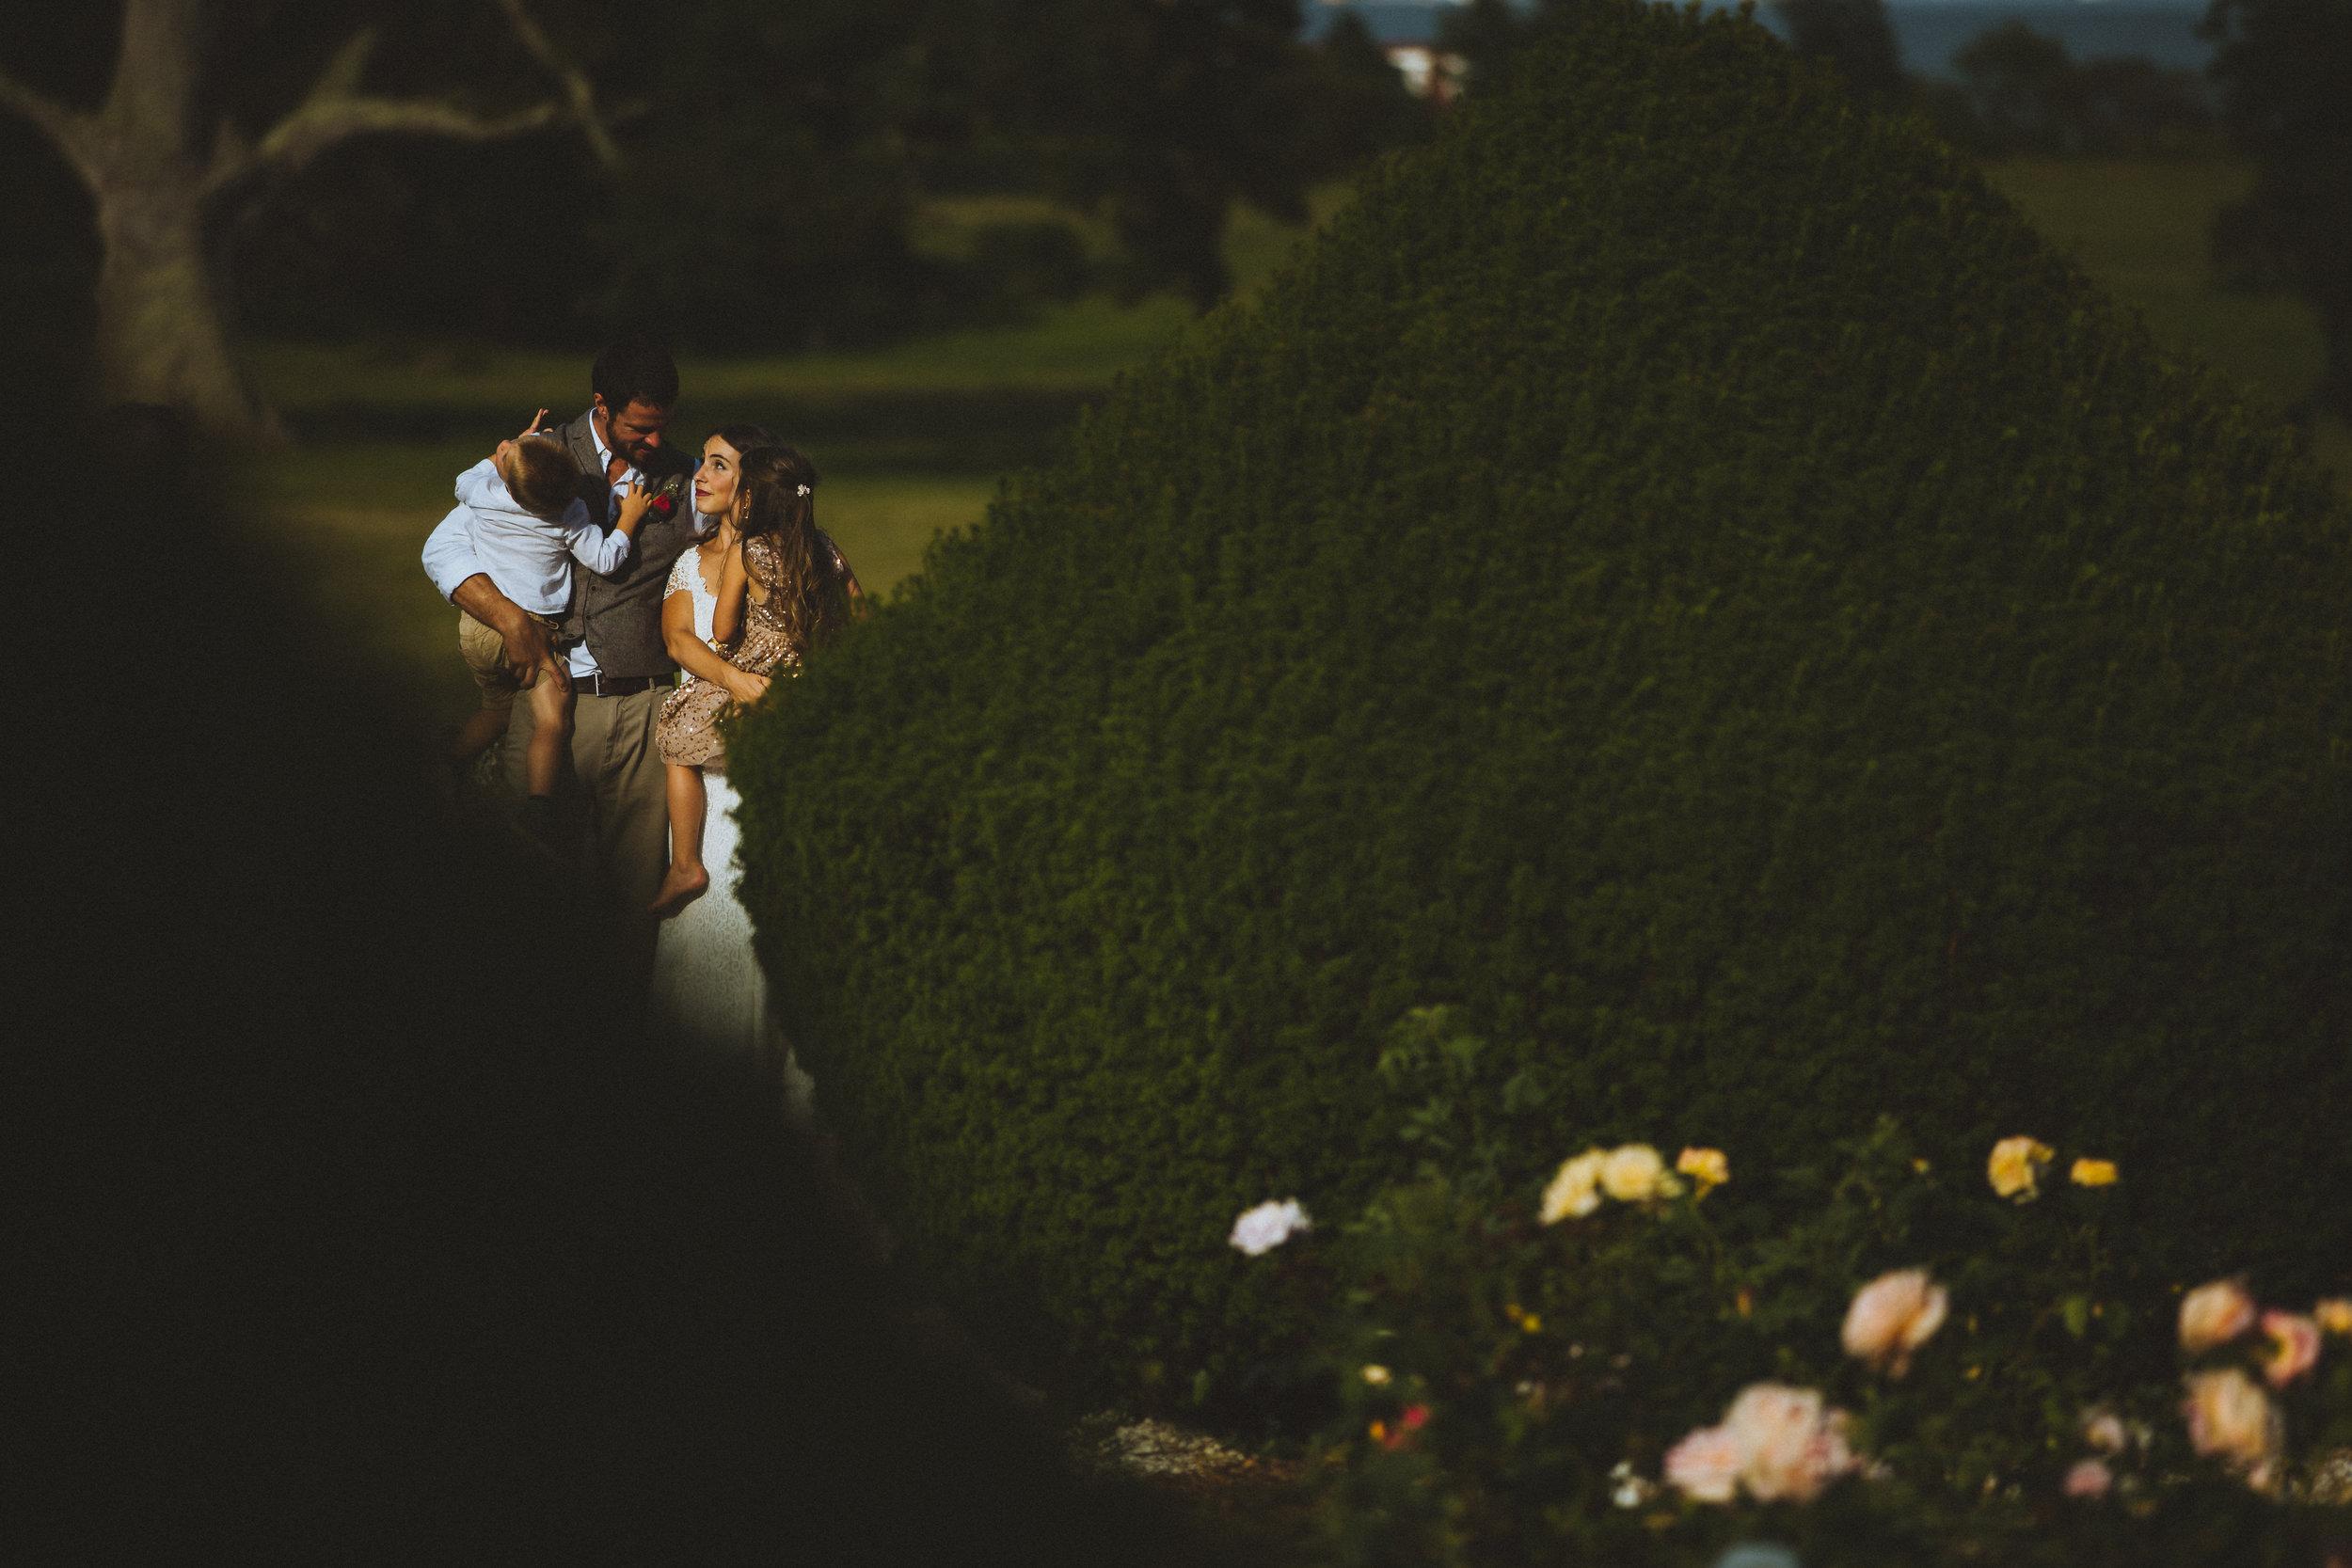 powderham castle wedding 22.jpg